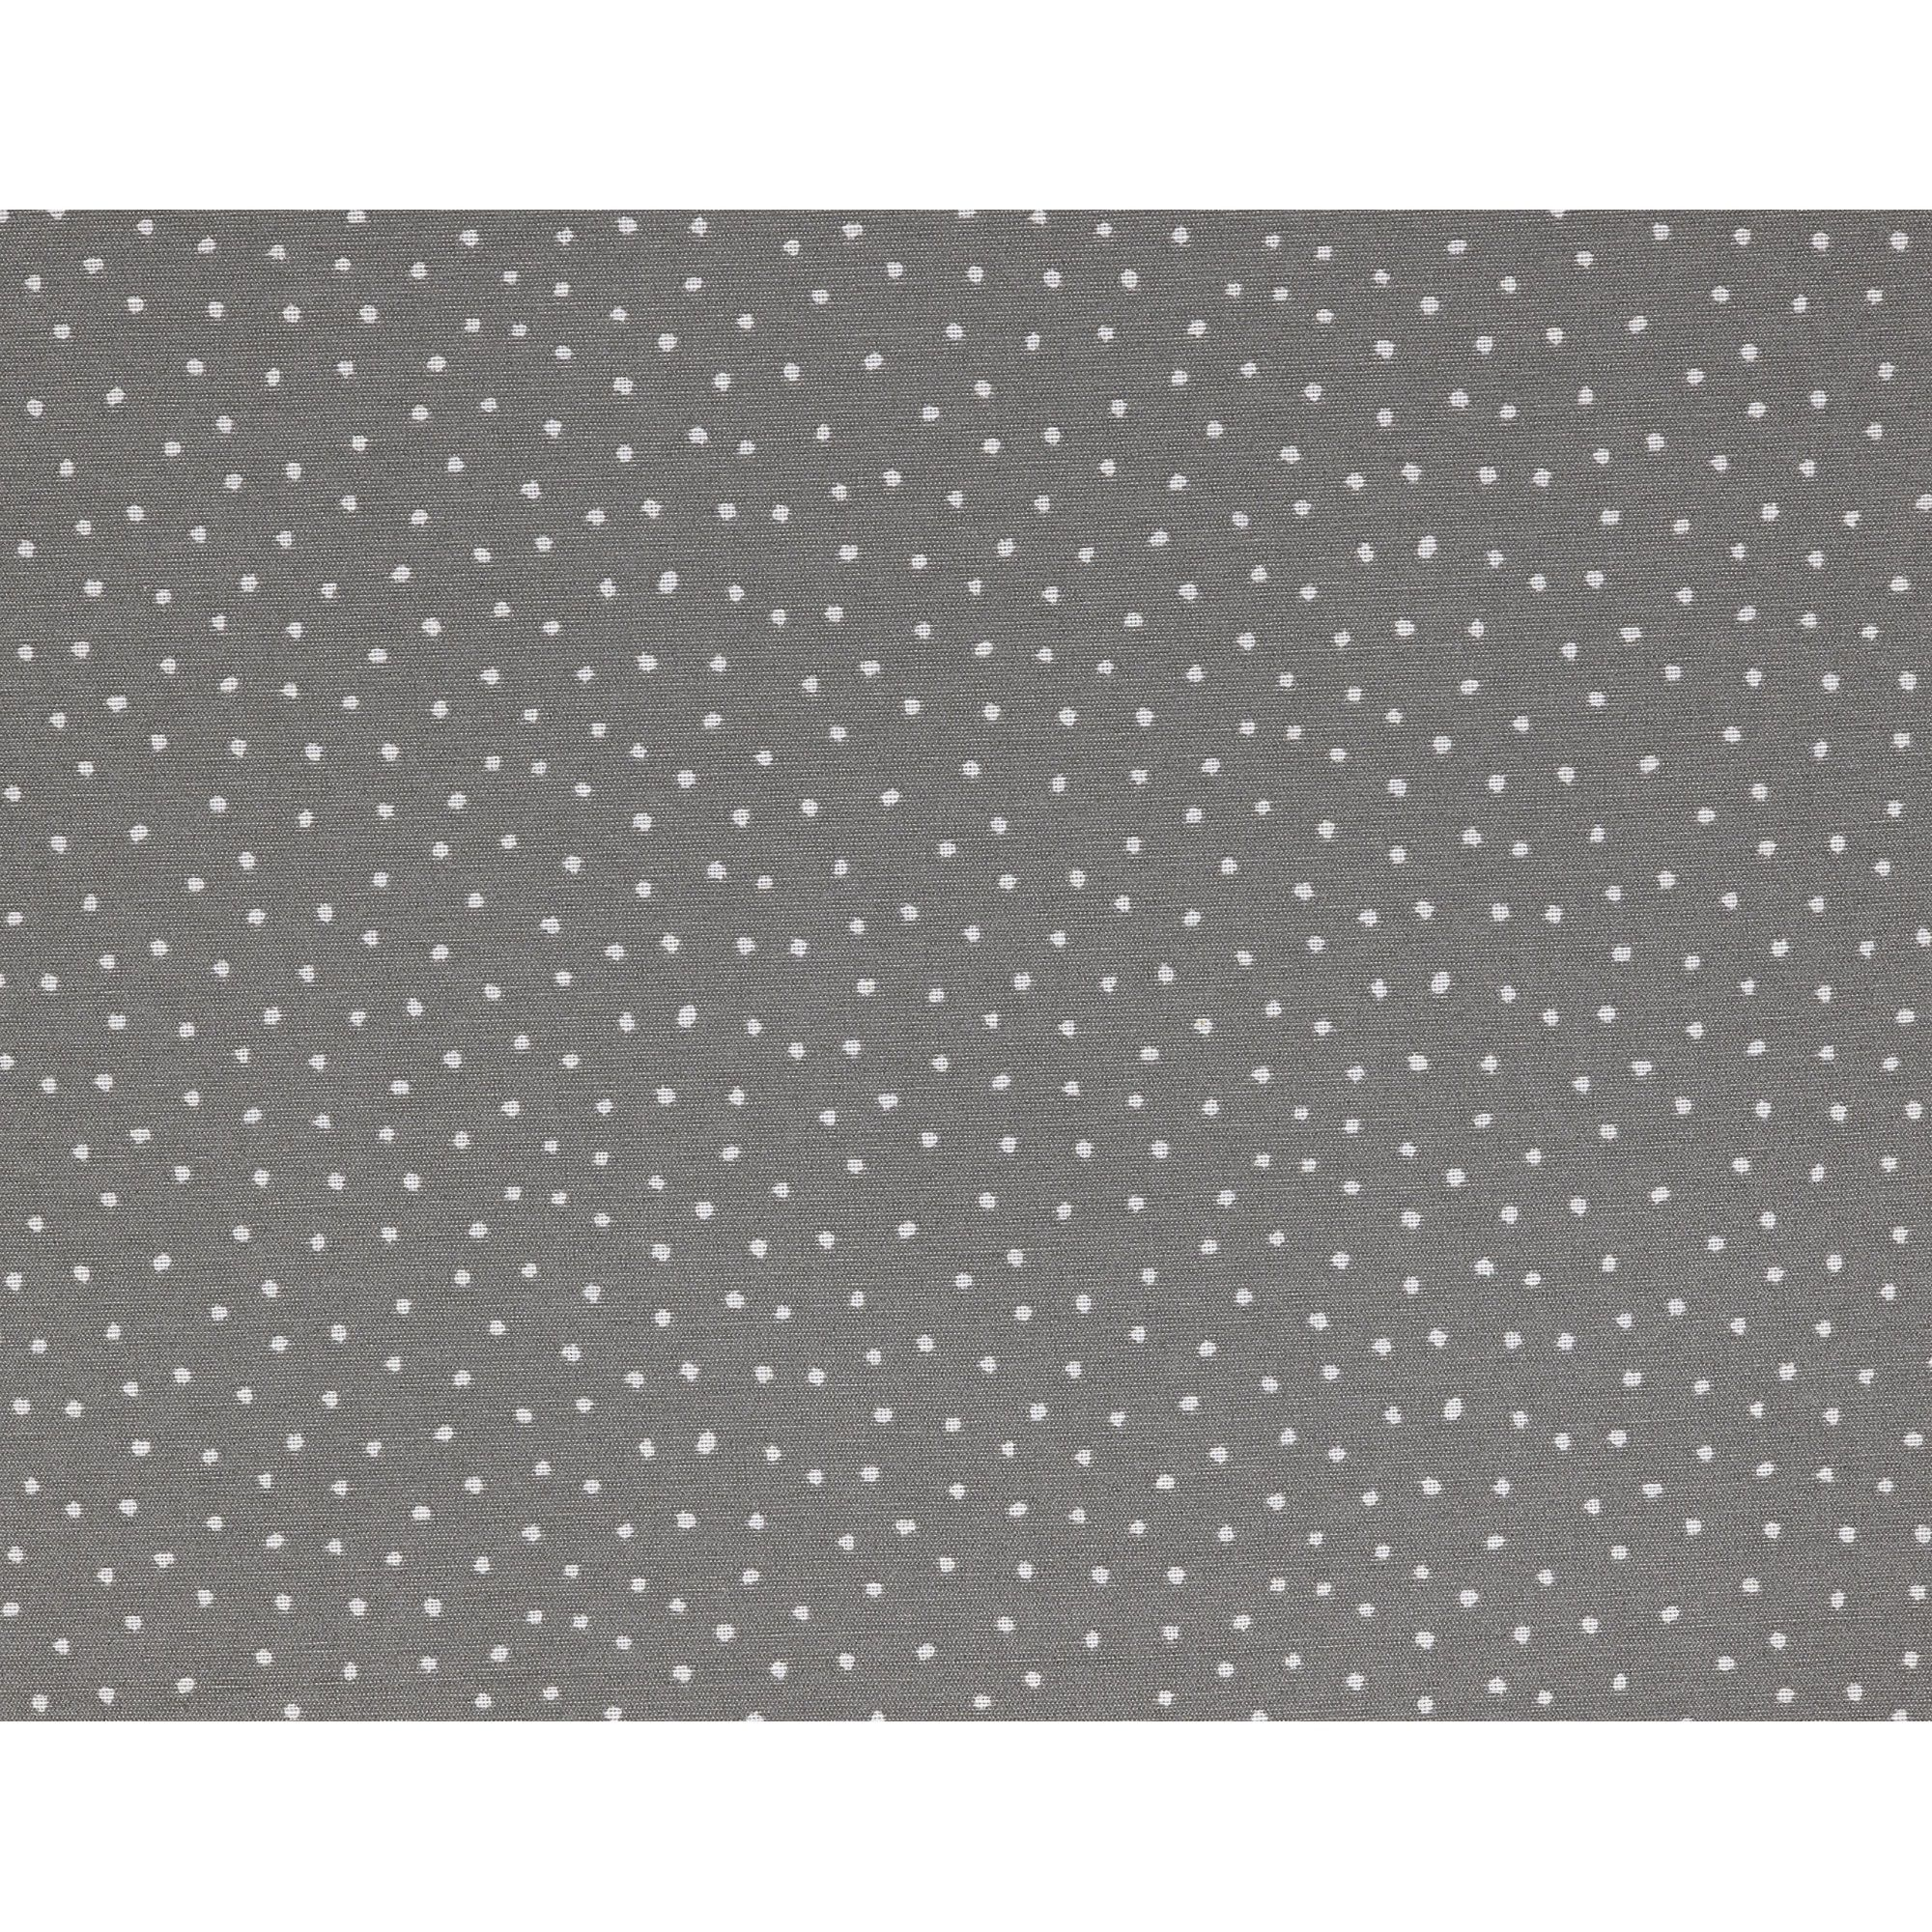 mooie dikke stof joanie met subtiel stippendessin deze stof is verkrijgbaar per meter en geschikt